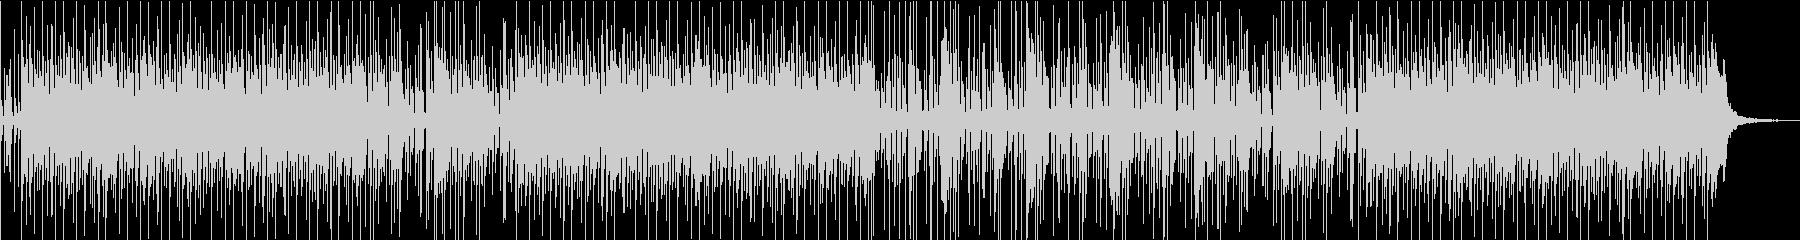 しっとりとしたピアノ系ポップスBGMの未再生の波形